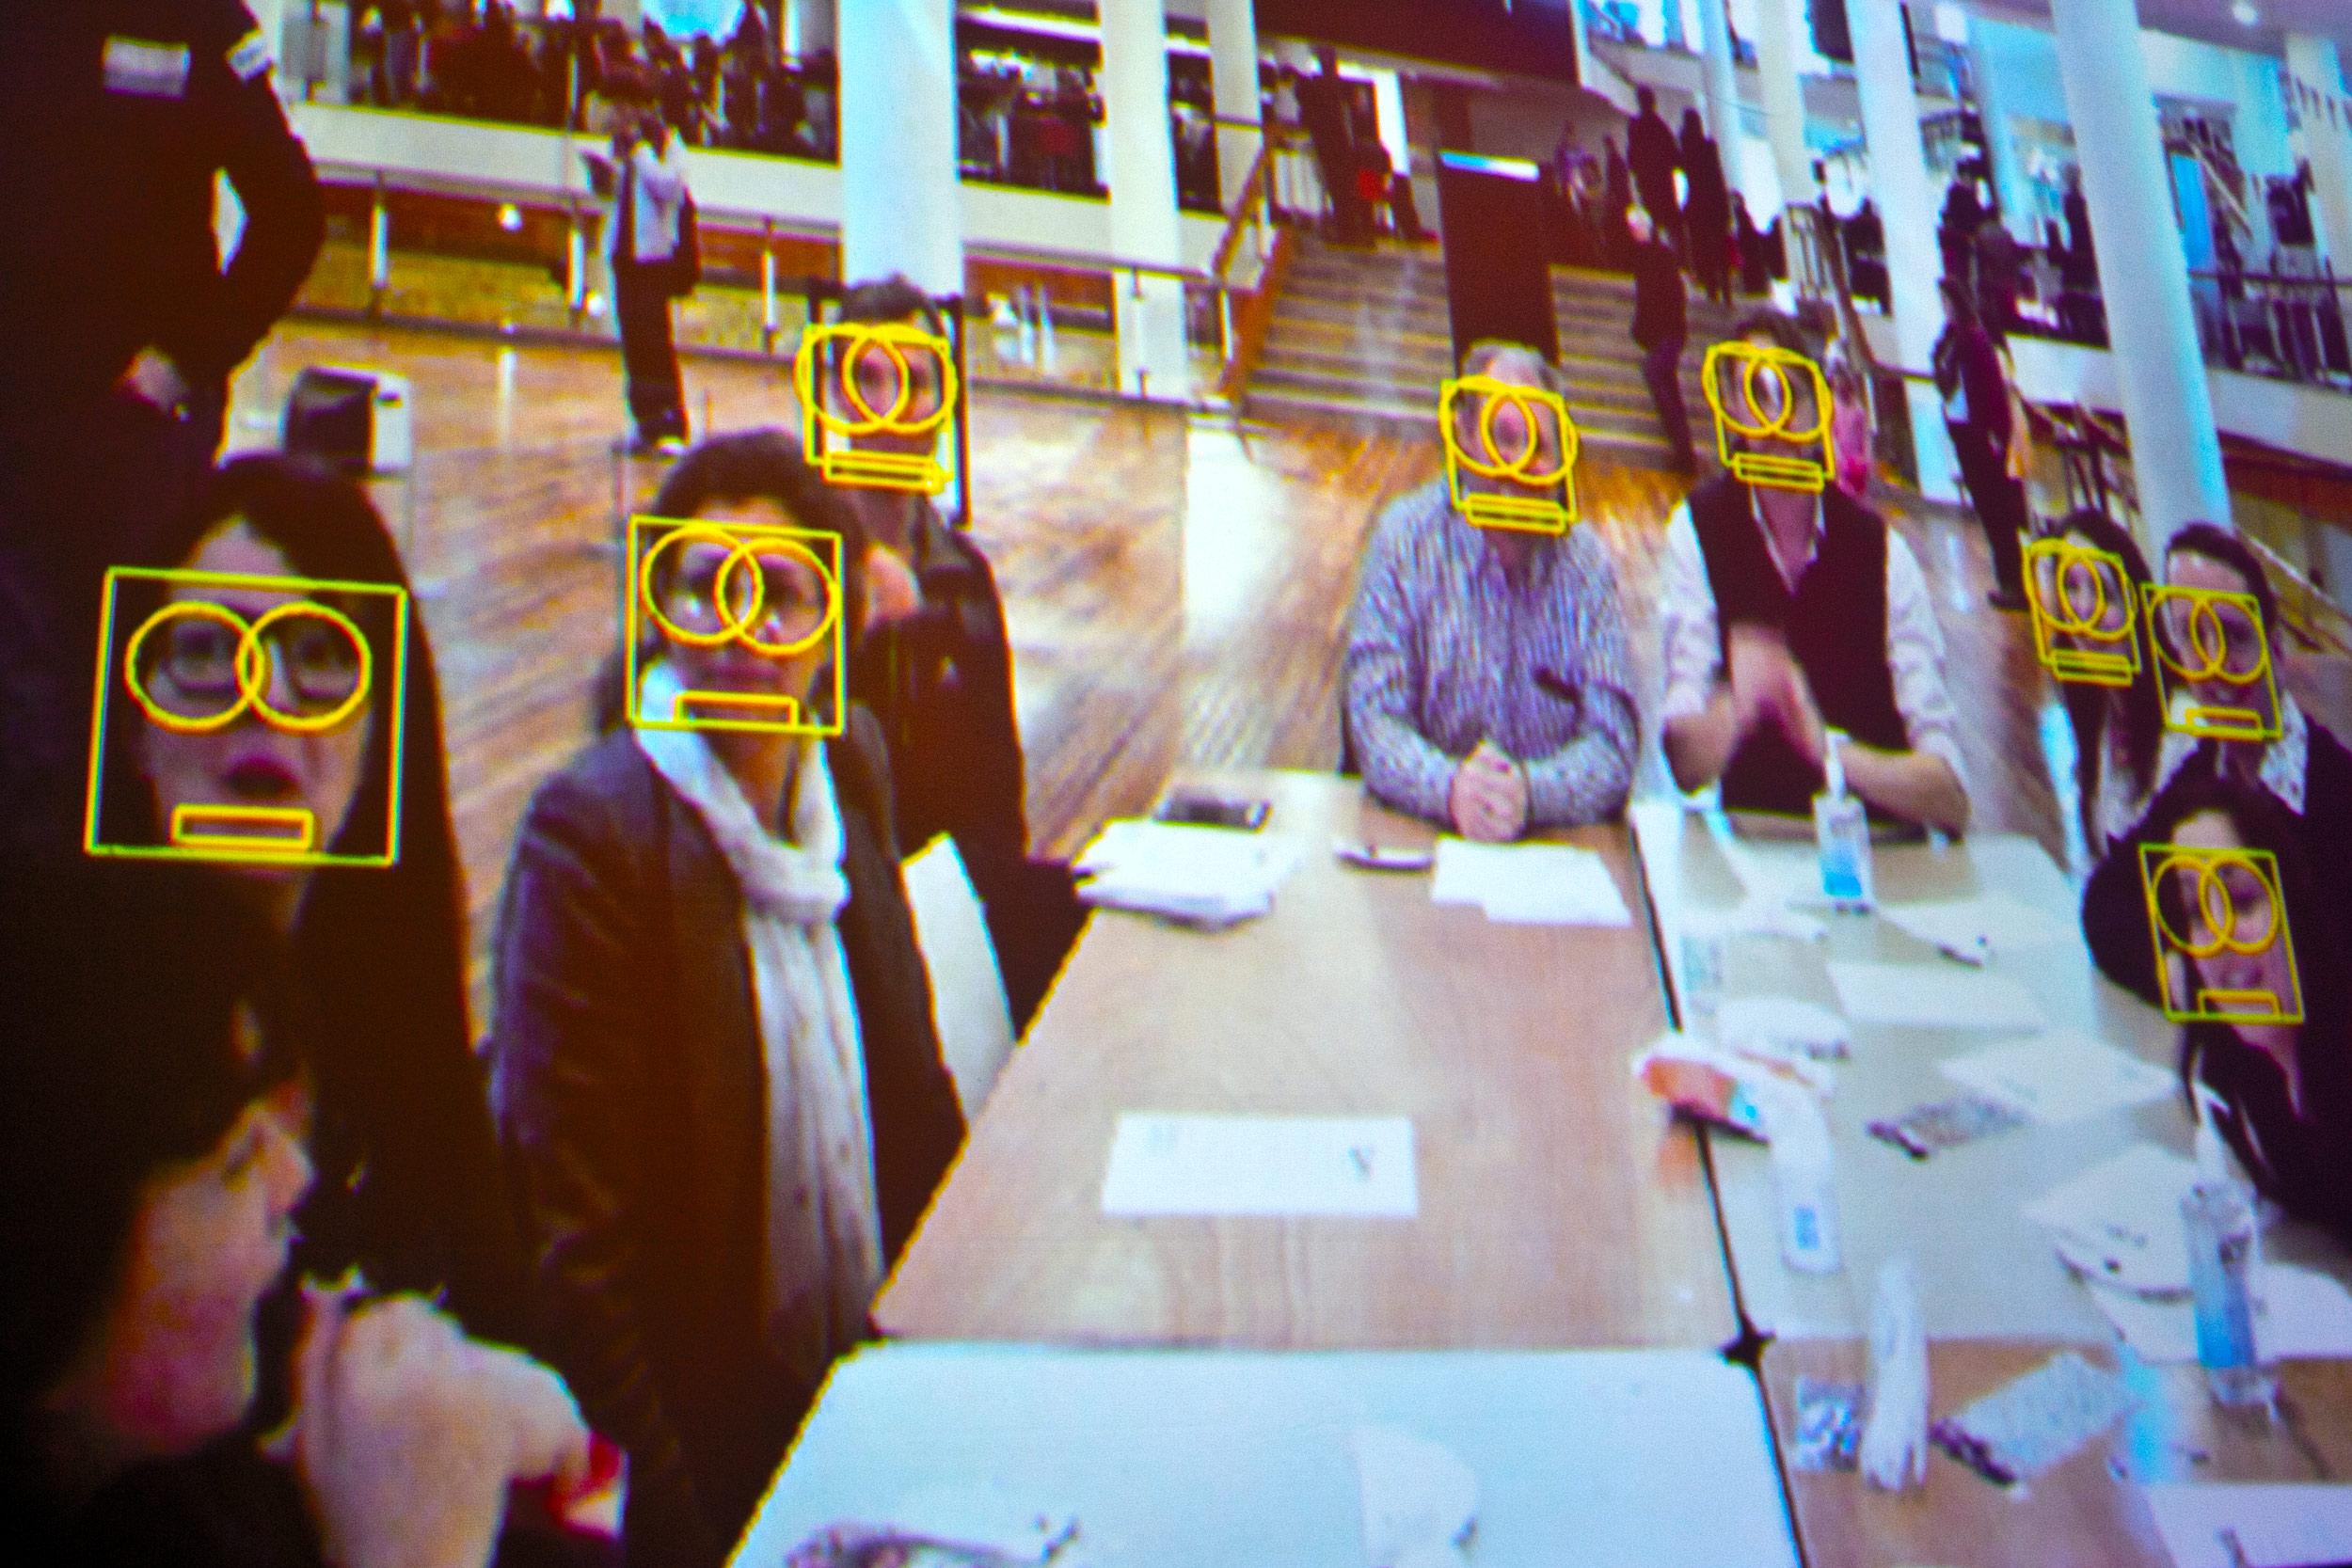 Wenn es nach dem Inneminister geht, soll die automatische Fahndung per Gesichtserkennung kommen. (Symbolbild) Foto: CC-BY 2.0  Southbank Centre London